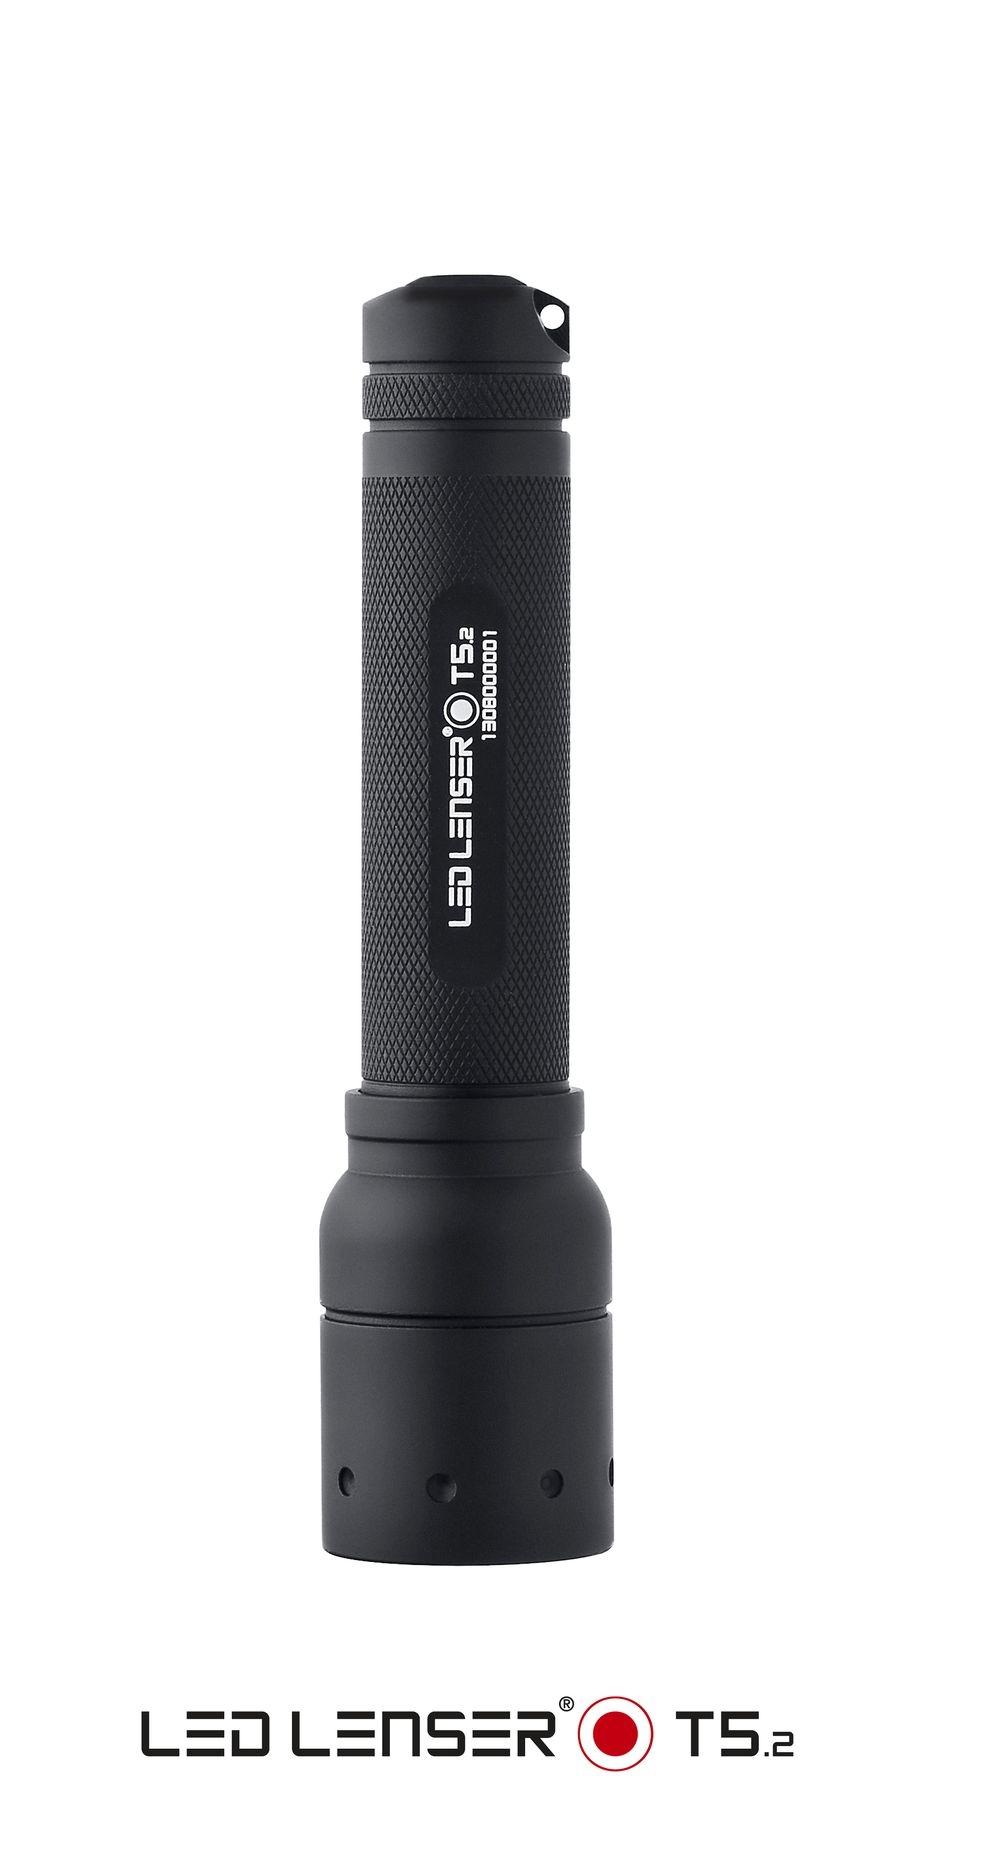 Светодиодный фонарь LED LENSER T5.2 (9805)